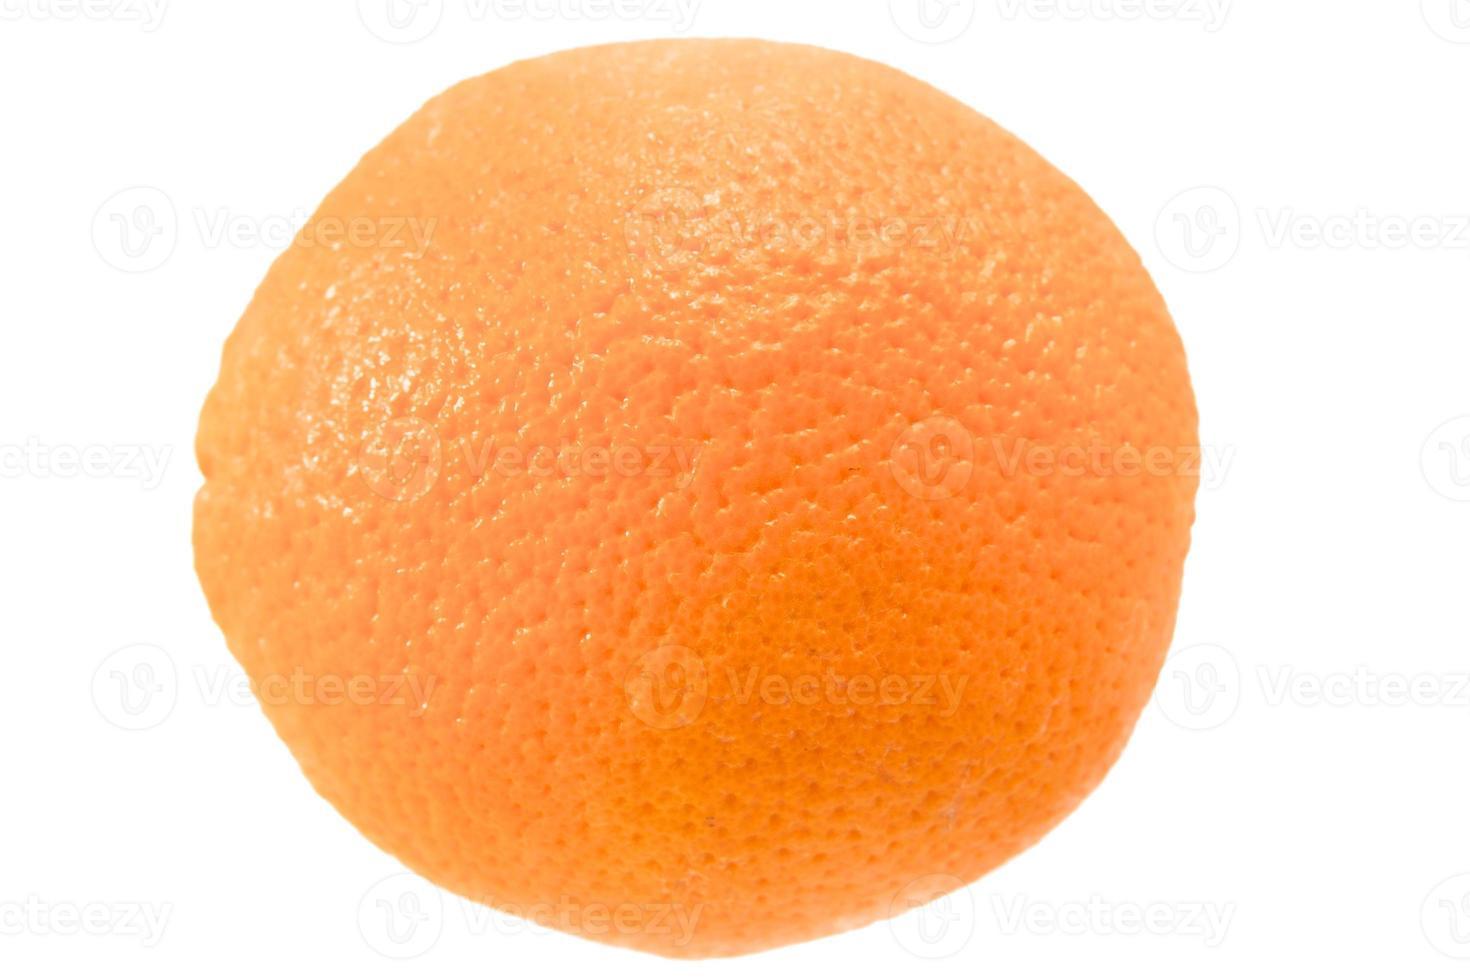 Naranja de cerca. foto